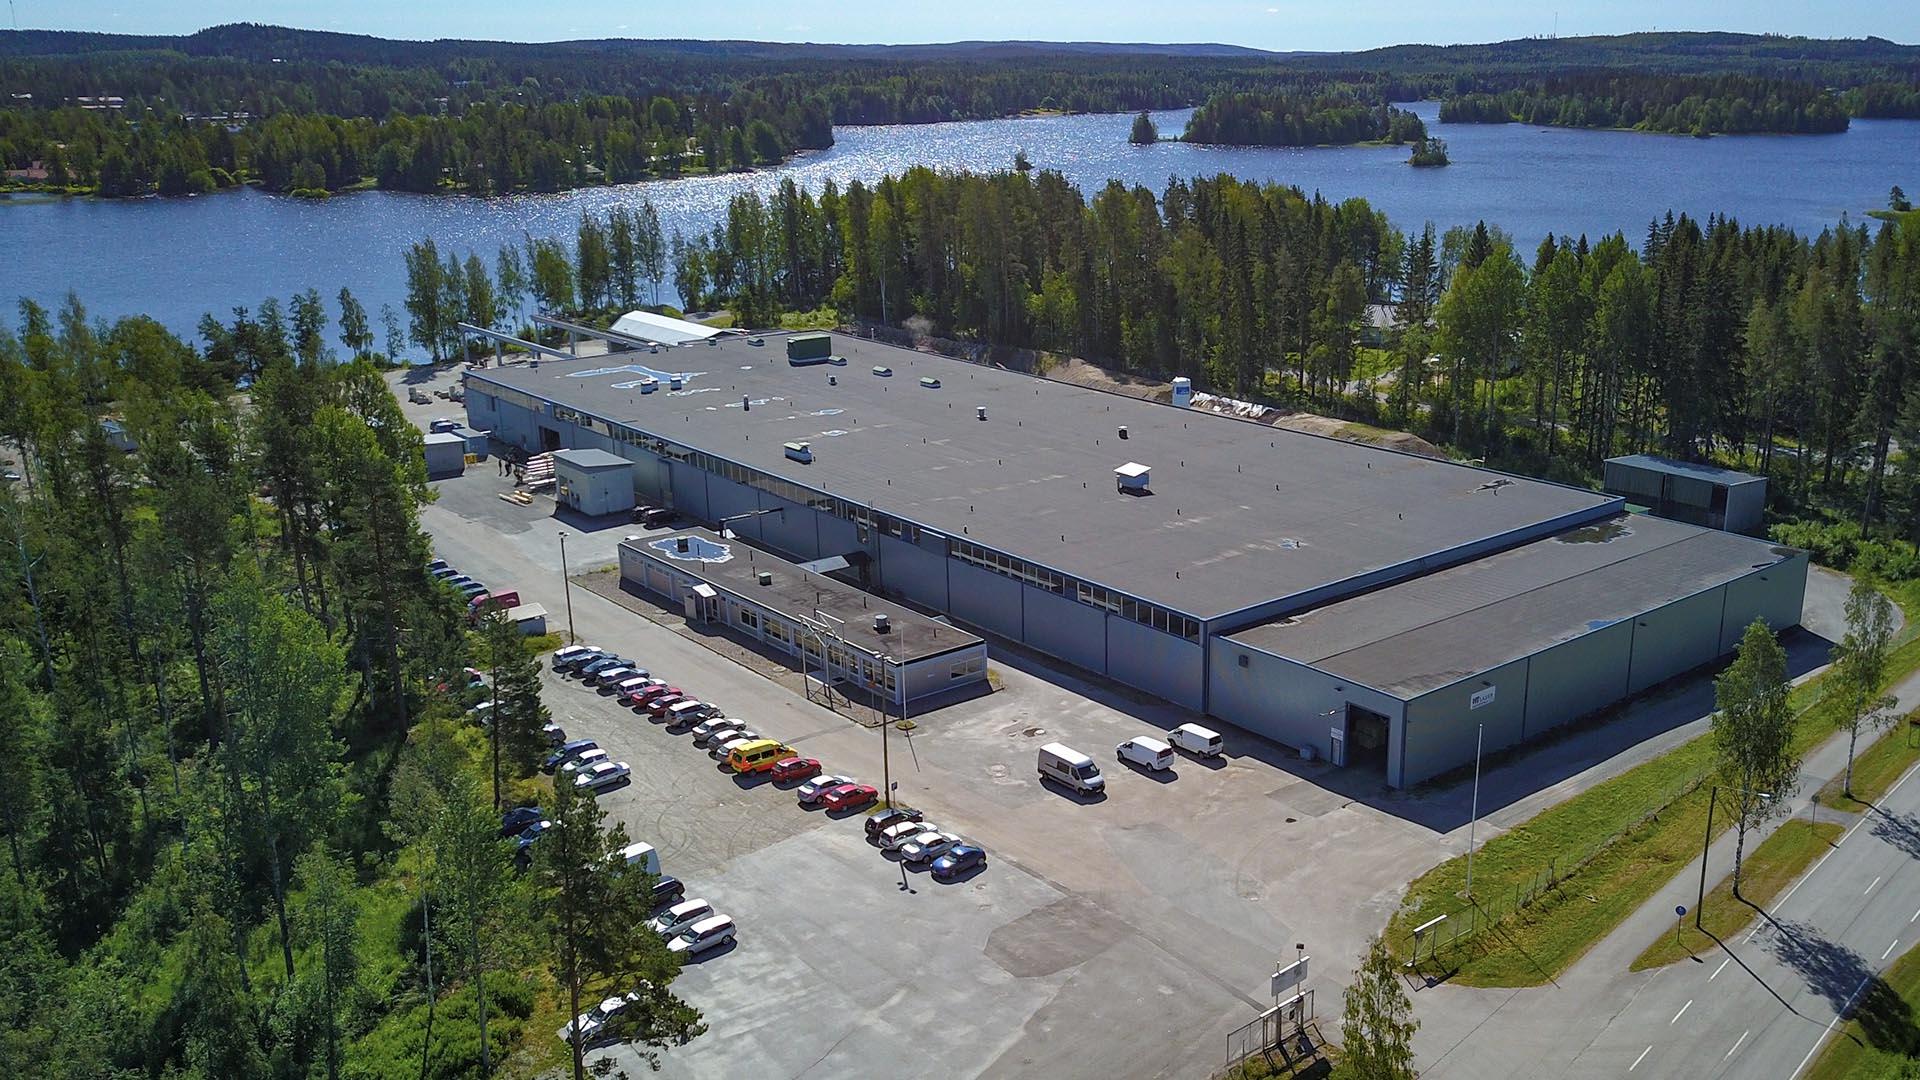 Ilmakuva tehdashallista. Pihassa on autoja ja ympärillä metsää sekä järvi.